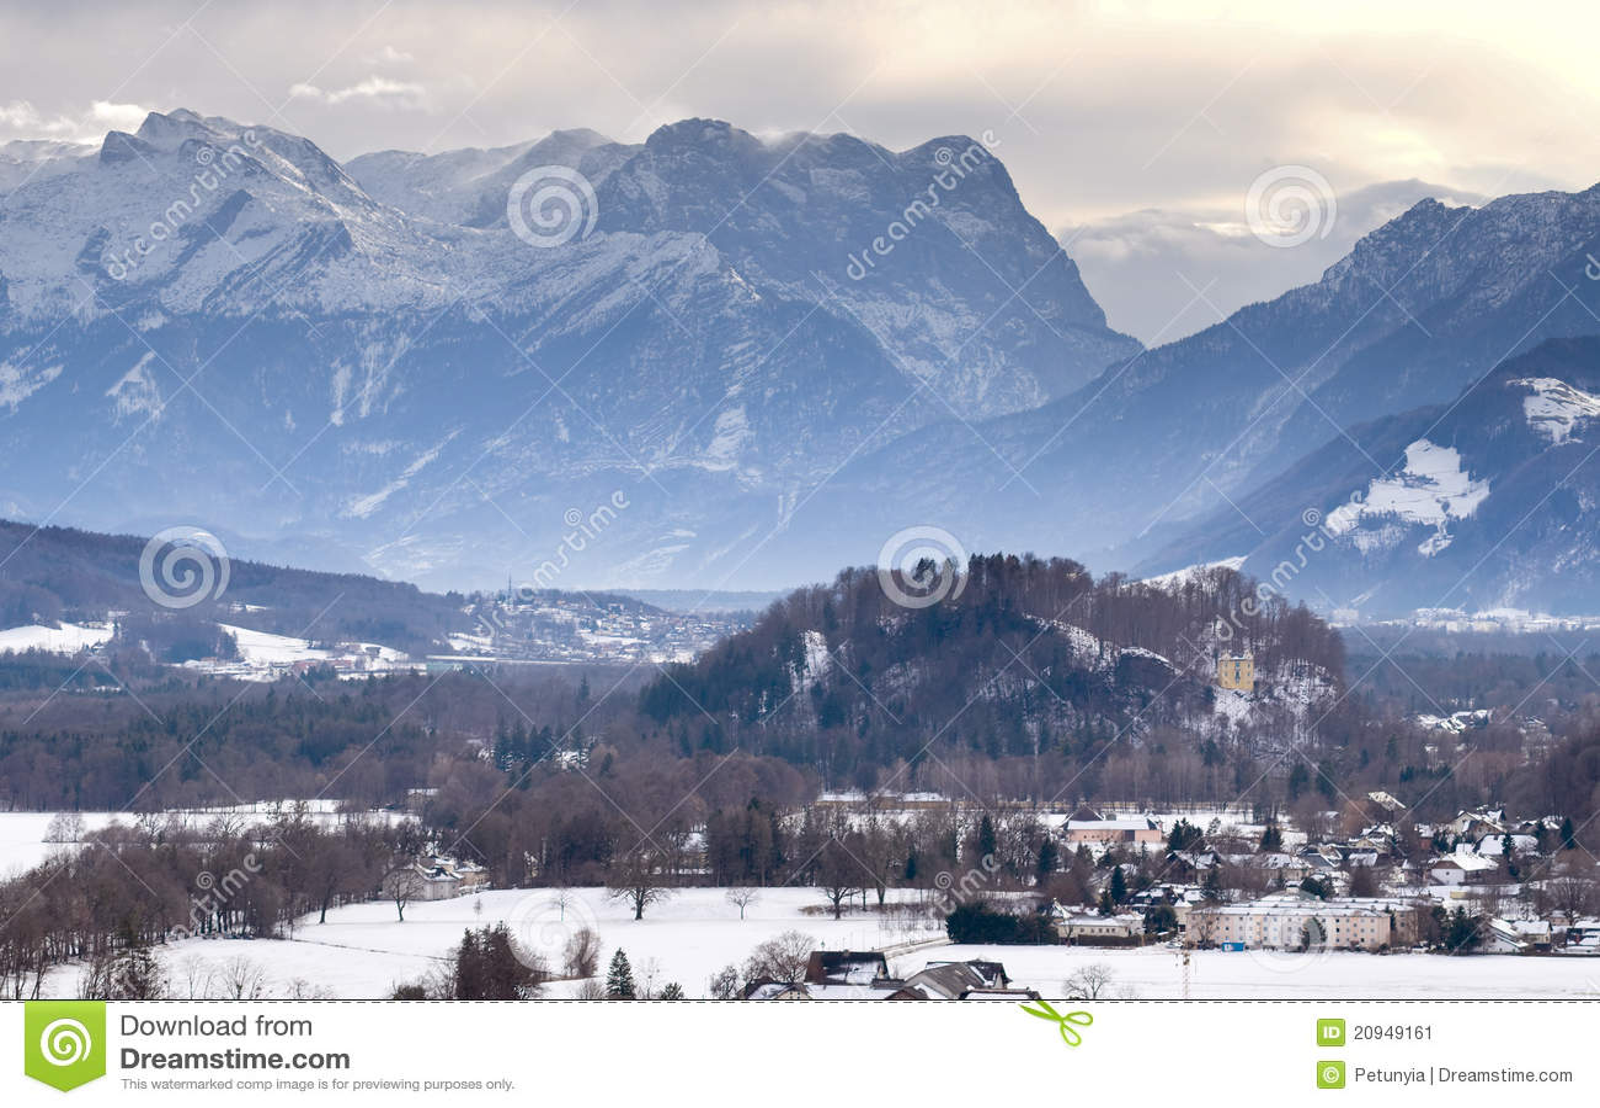 Europese oude stad dichtbij de berg bij de winter